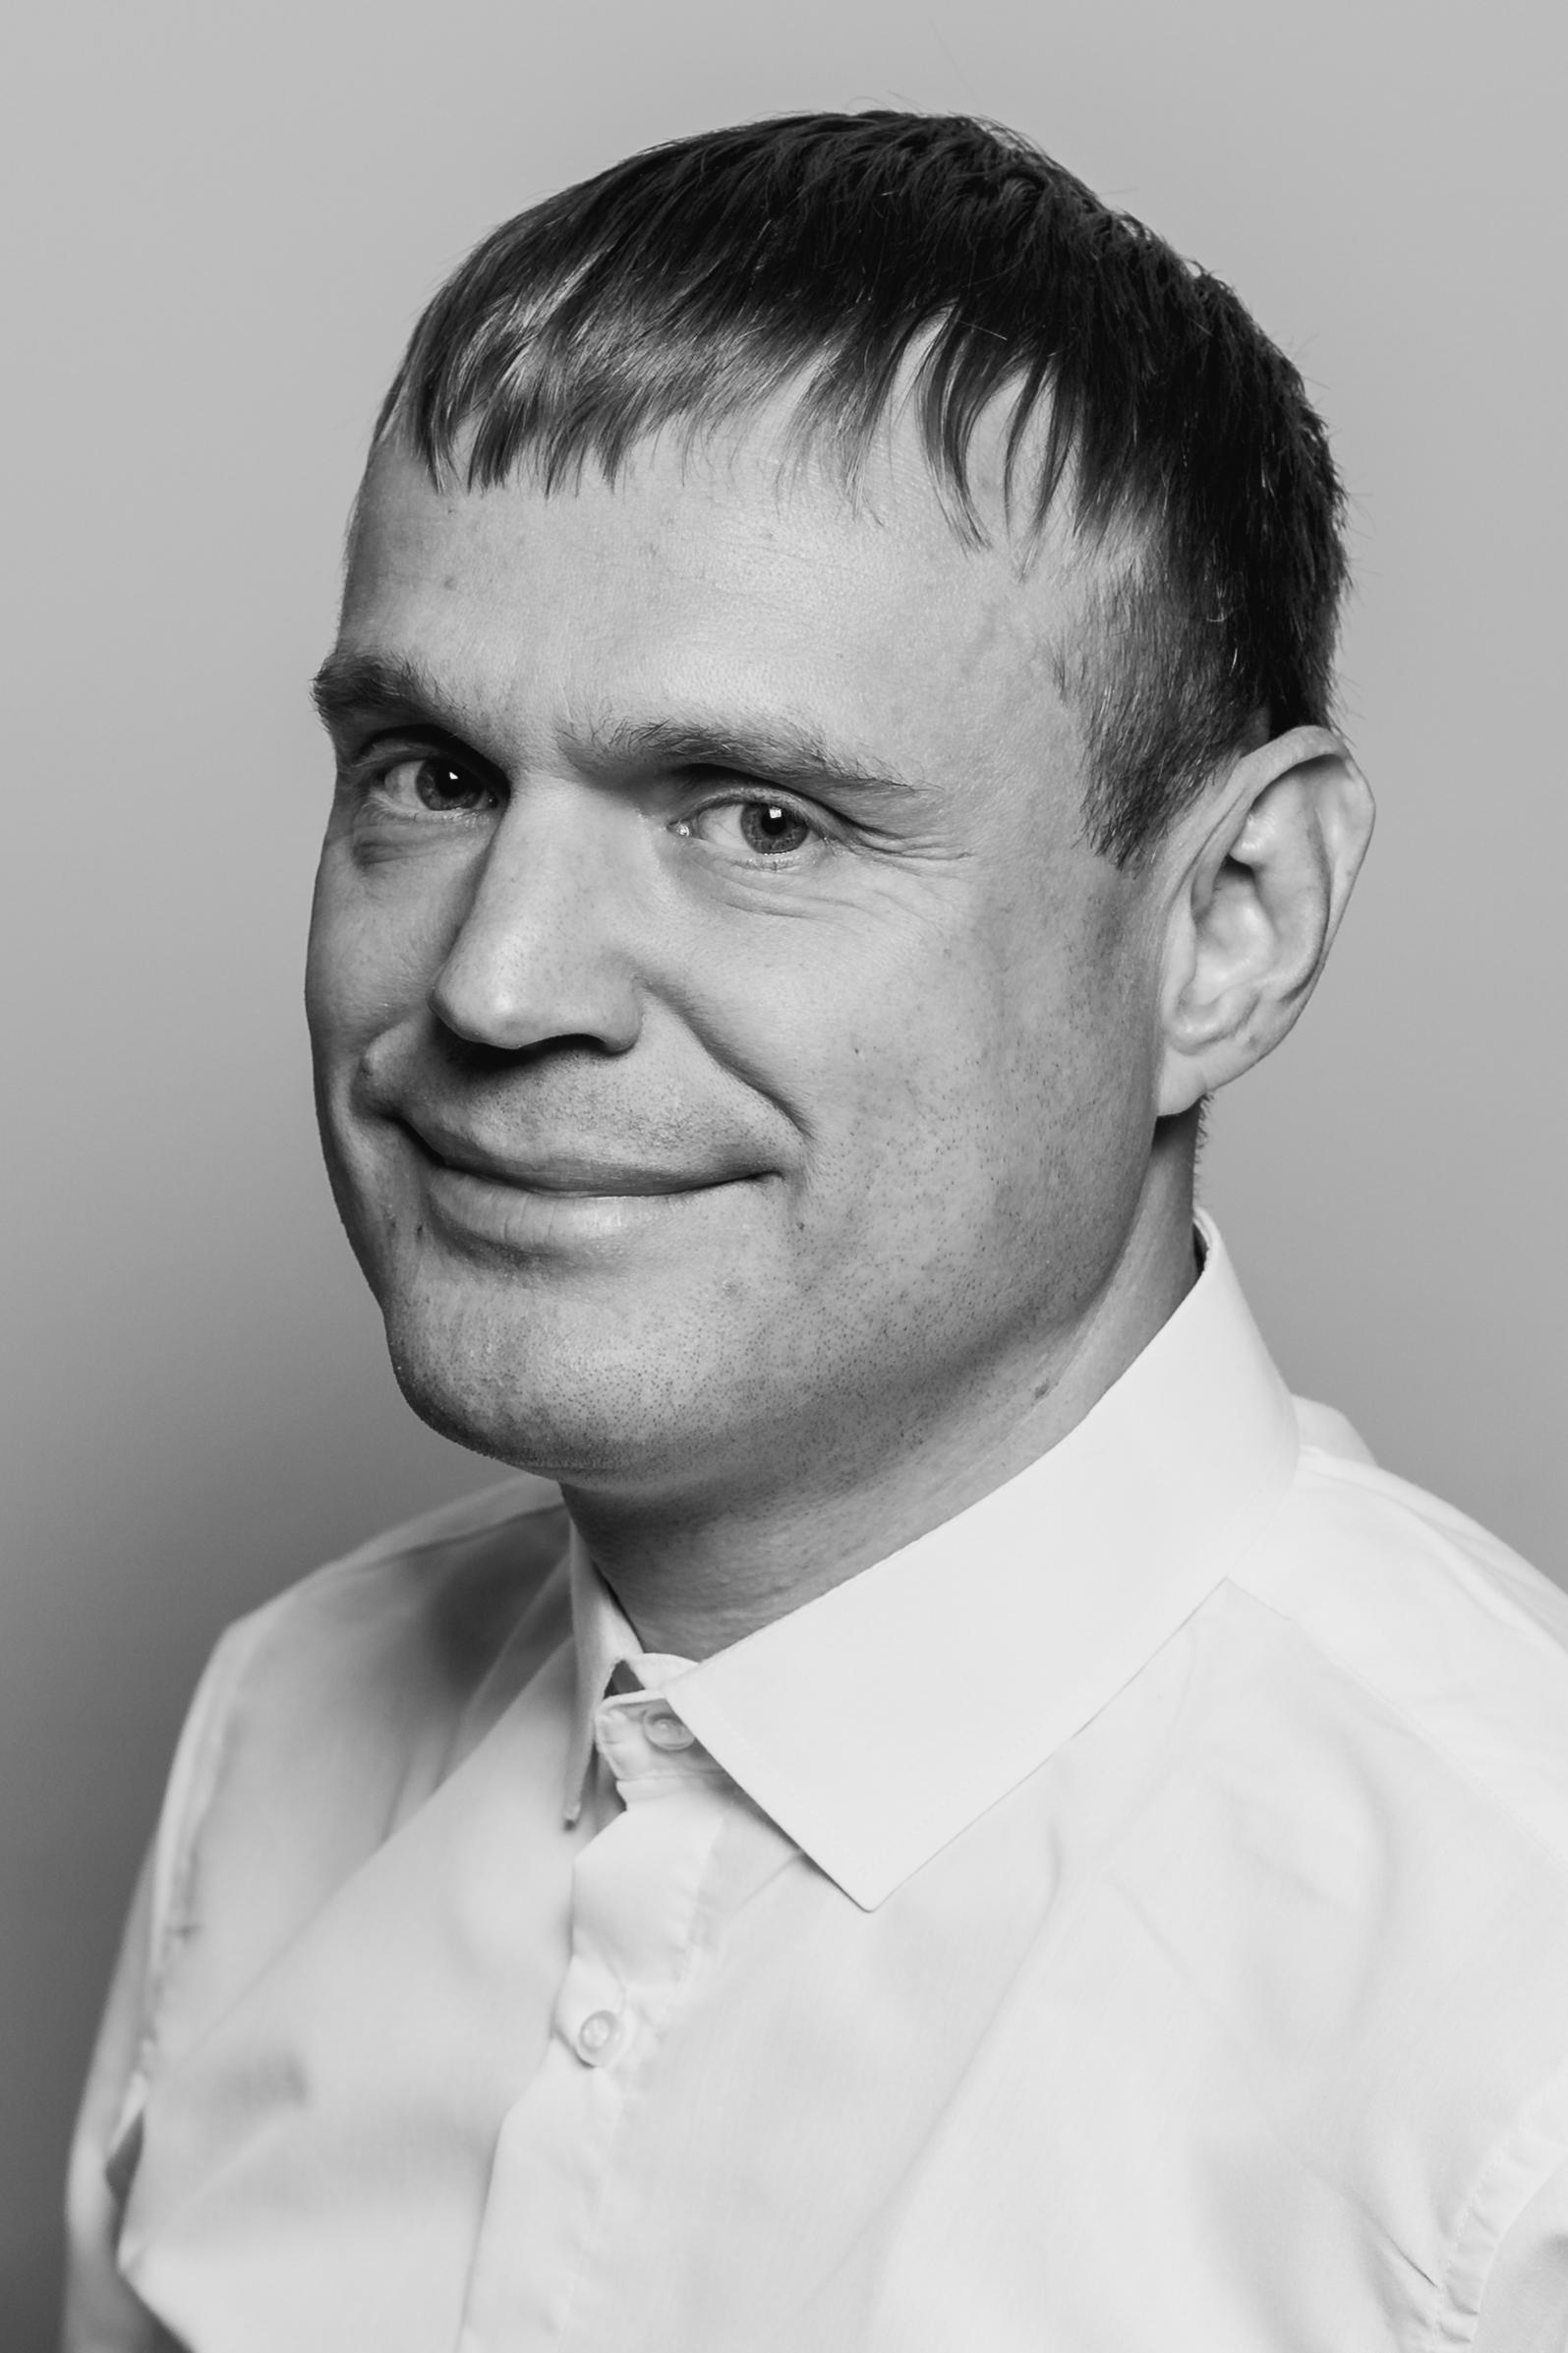 Sergey Ovchinnikov